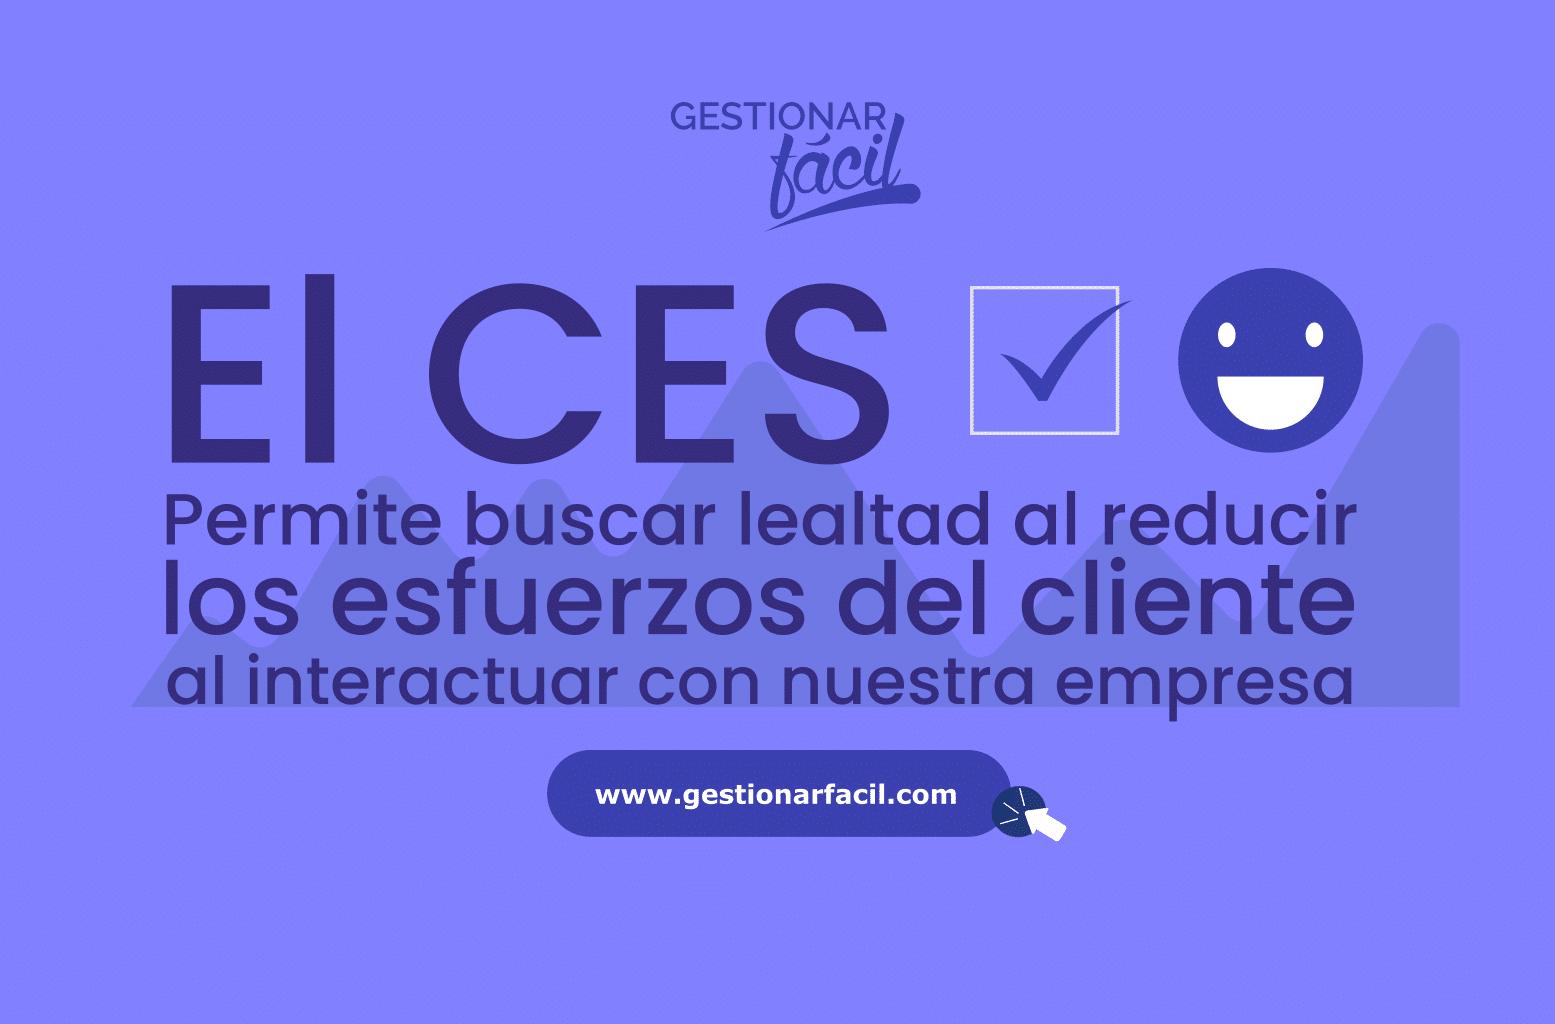 """El CES nos permite buscar lealtad al reducir """"los esfuerzos"""" del cliente en su interacción con la empresa."""